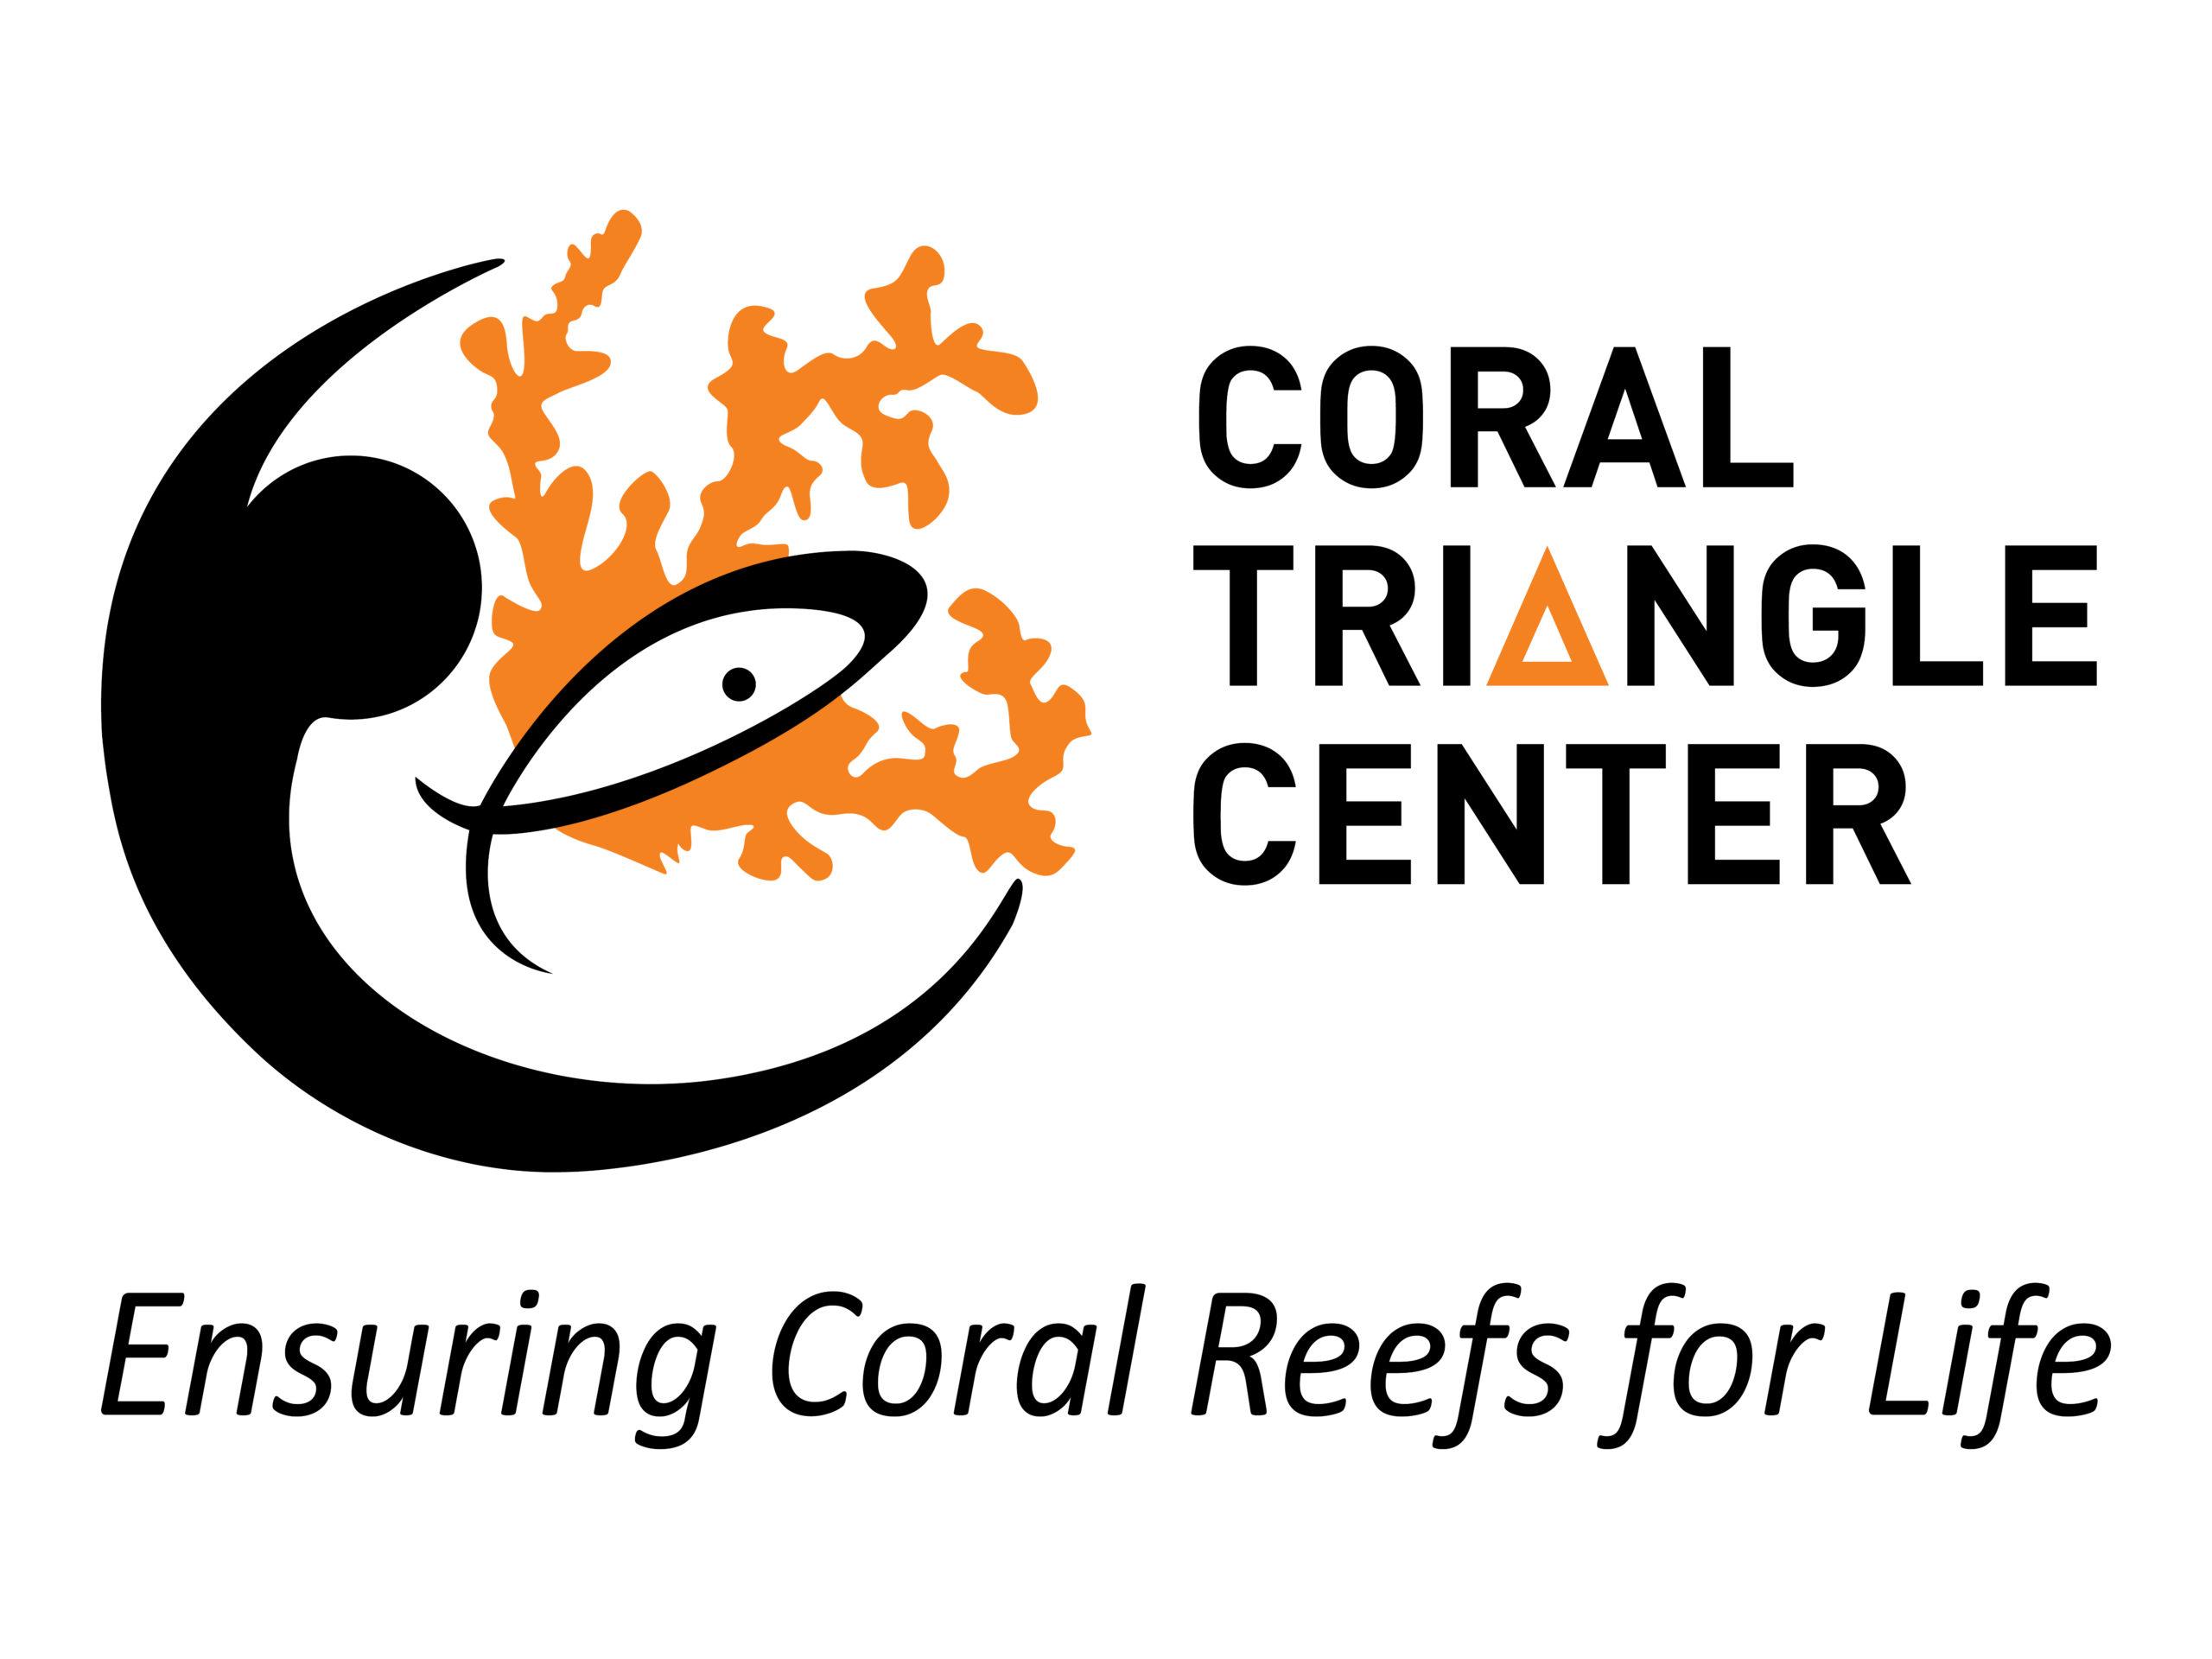 Coral Triangle Center